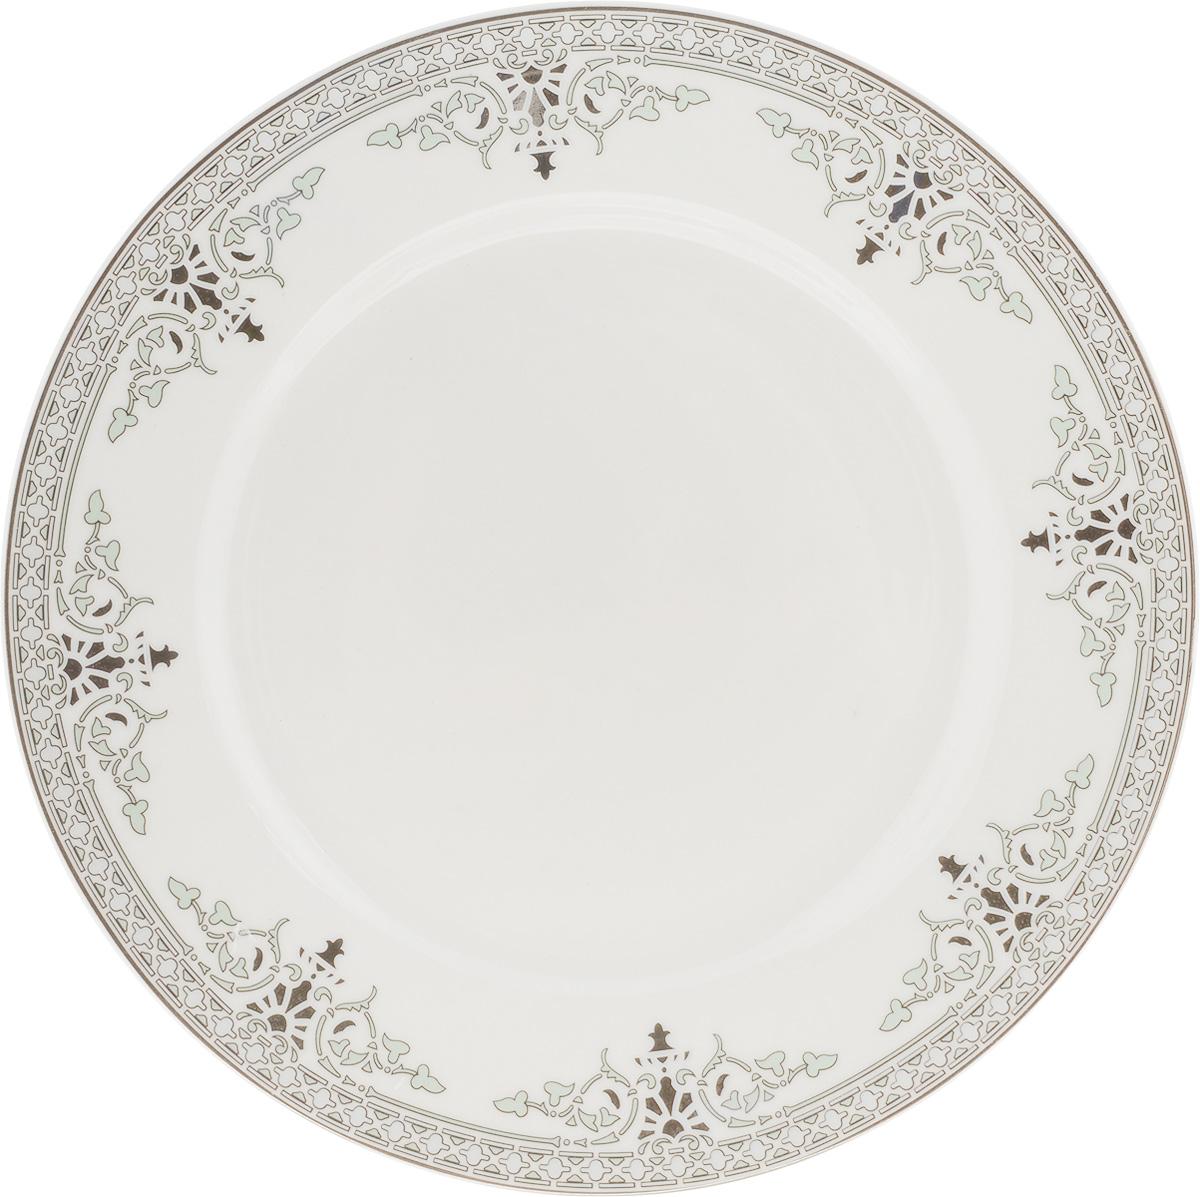 Тарелка десертная Венеция, диаметр 19 см2Т-24Десертная тарелка Венеция изготовлена из глазурованного фарфора. Она предназначена для подачи десертов. Также может использоваться как блюдо для сервировки закусок.Изящная тарелка прекрасно оформит стол и порадует ваших гостей изысканным дизайном и формой. Диаметр тарелки: 19 см.